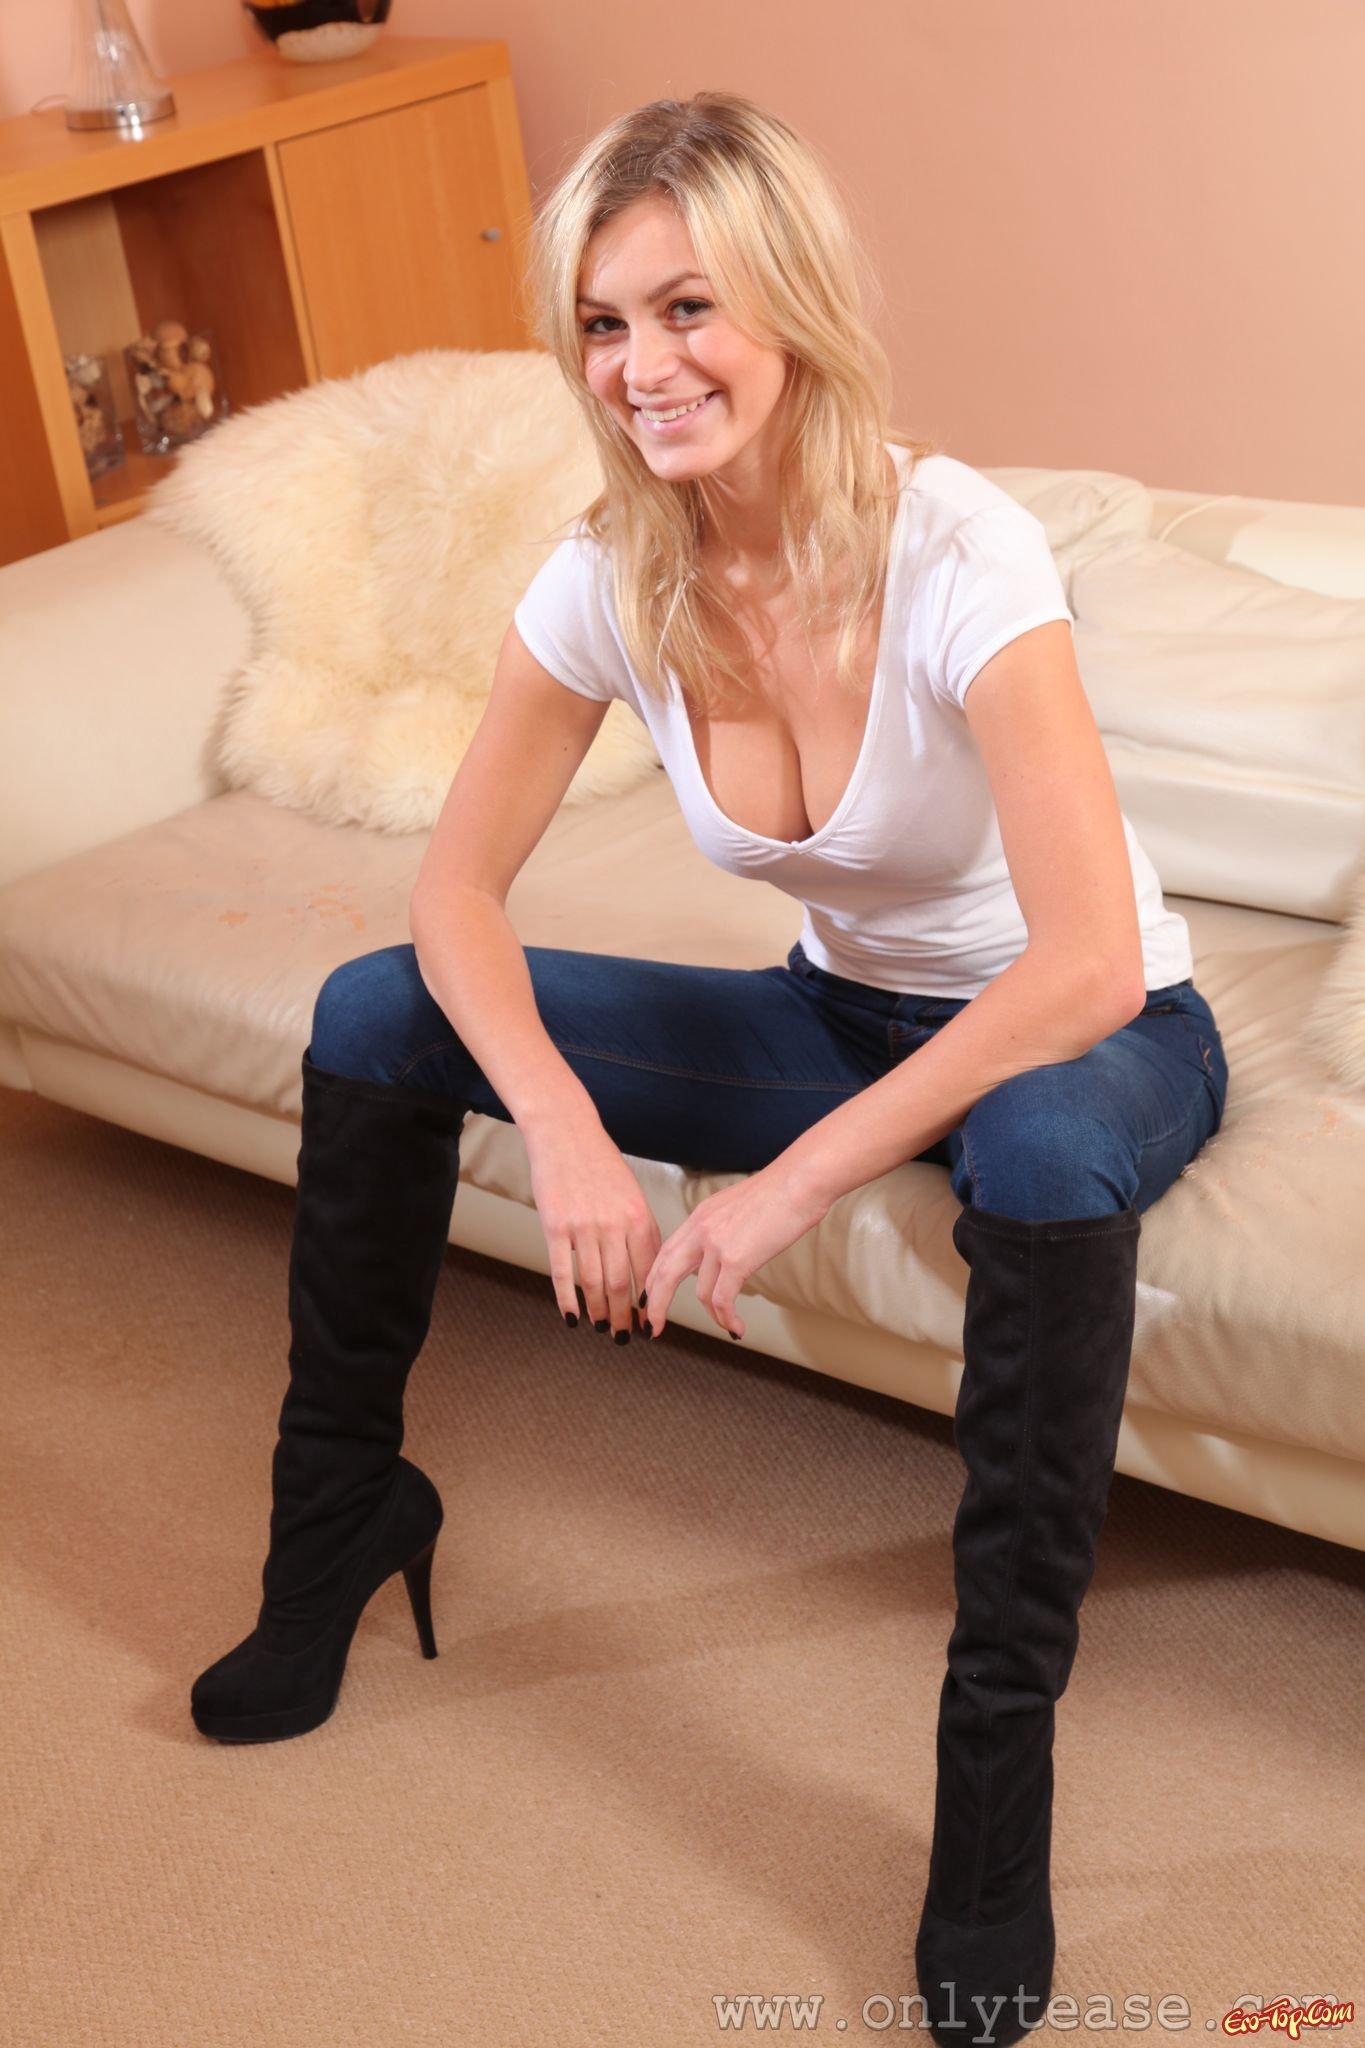 Девушка в джинсах и чулках